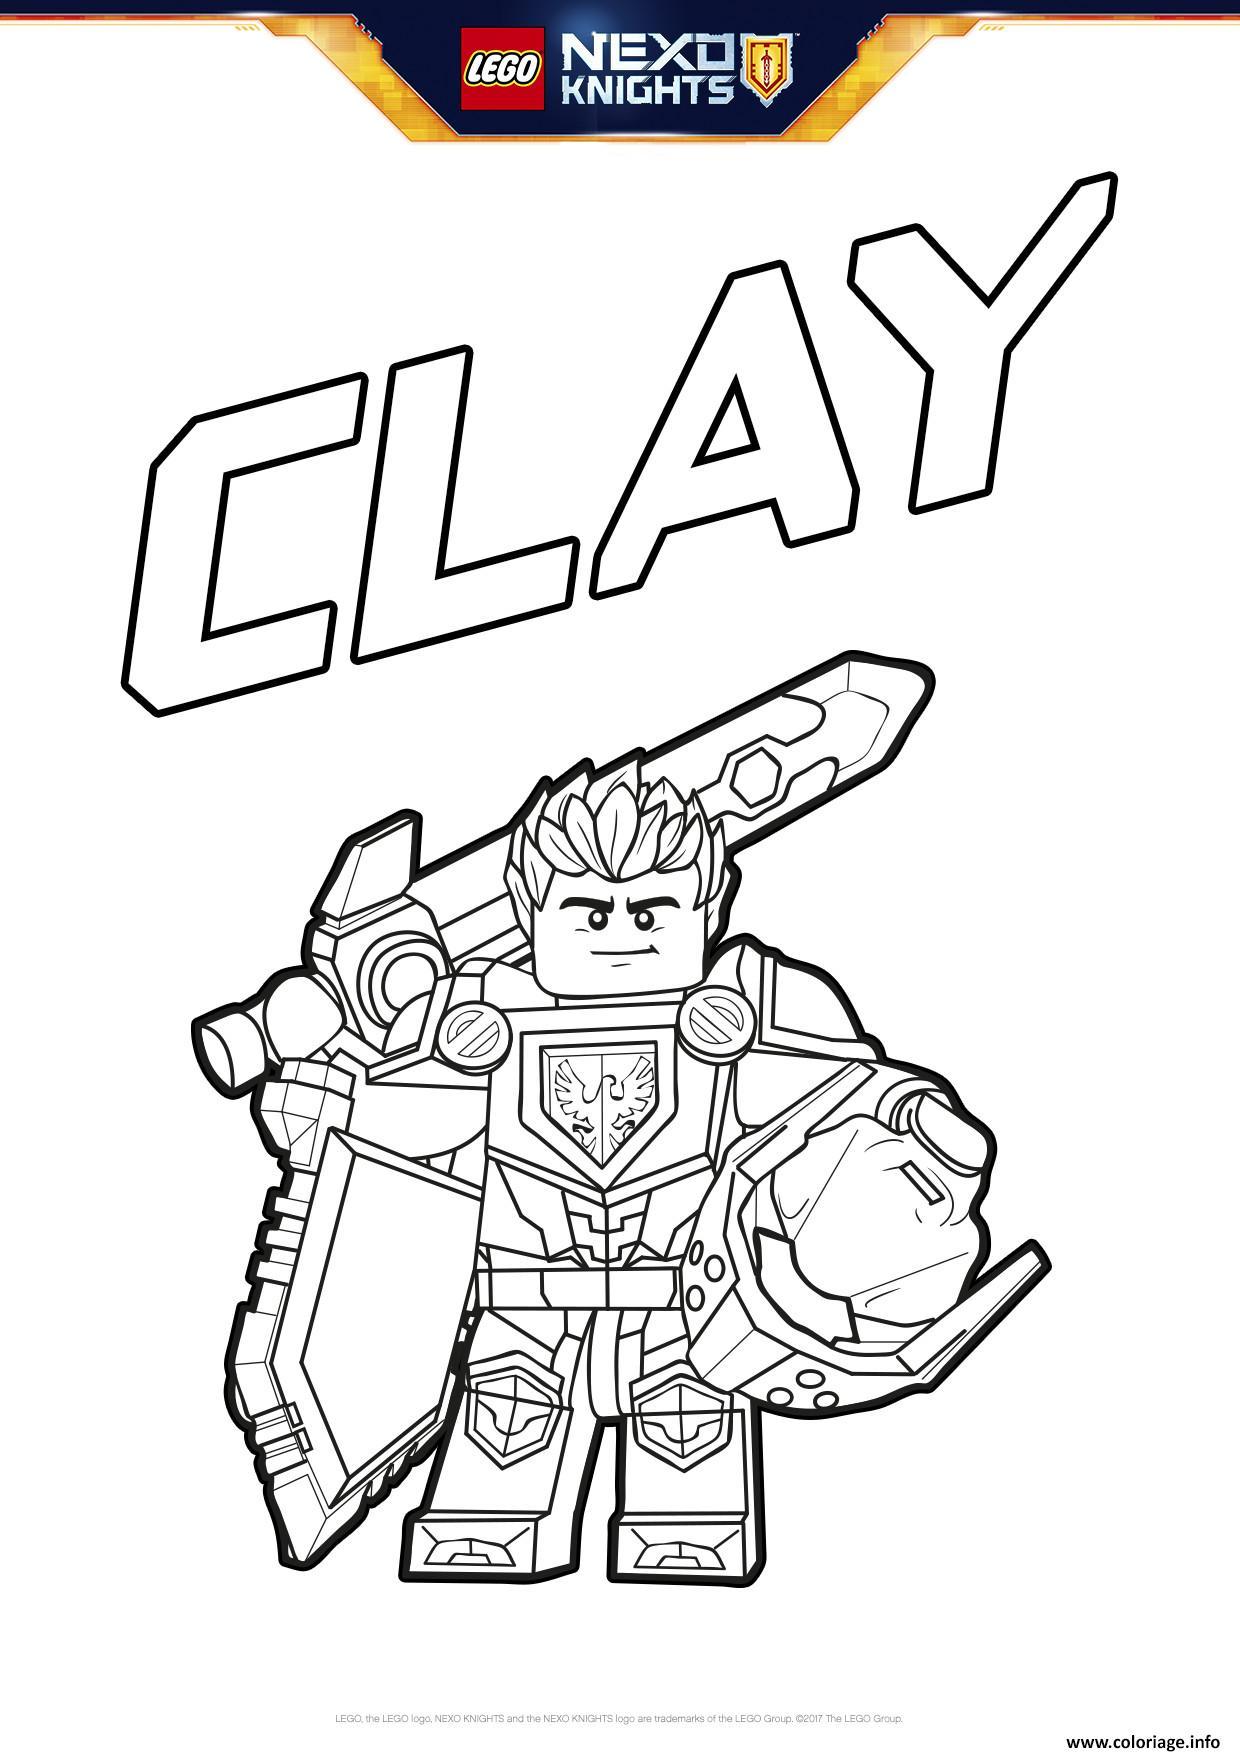 Coloriage lego nexo knights bouclier clay dessin - Dessin de ninjago a imprimer ...